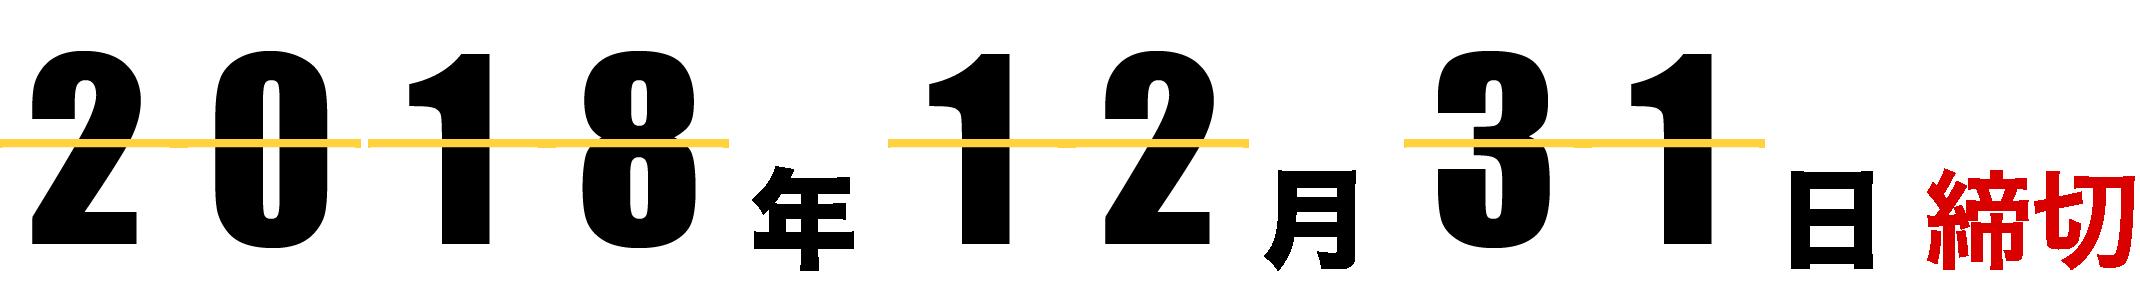 2018年12月31日締切(消印有効)